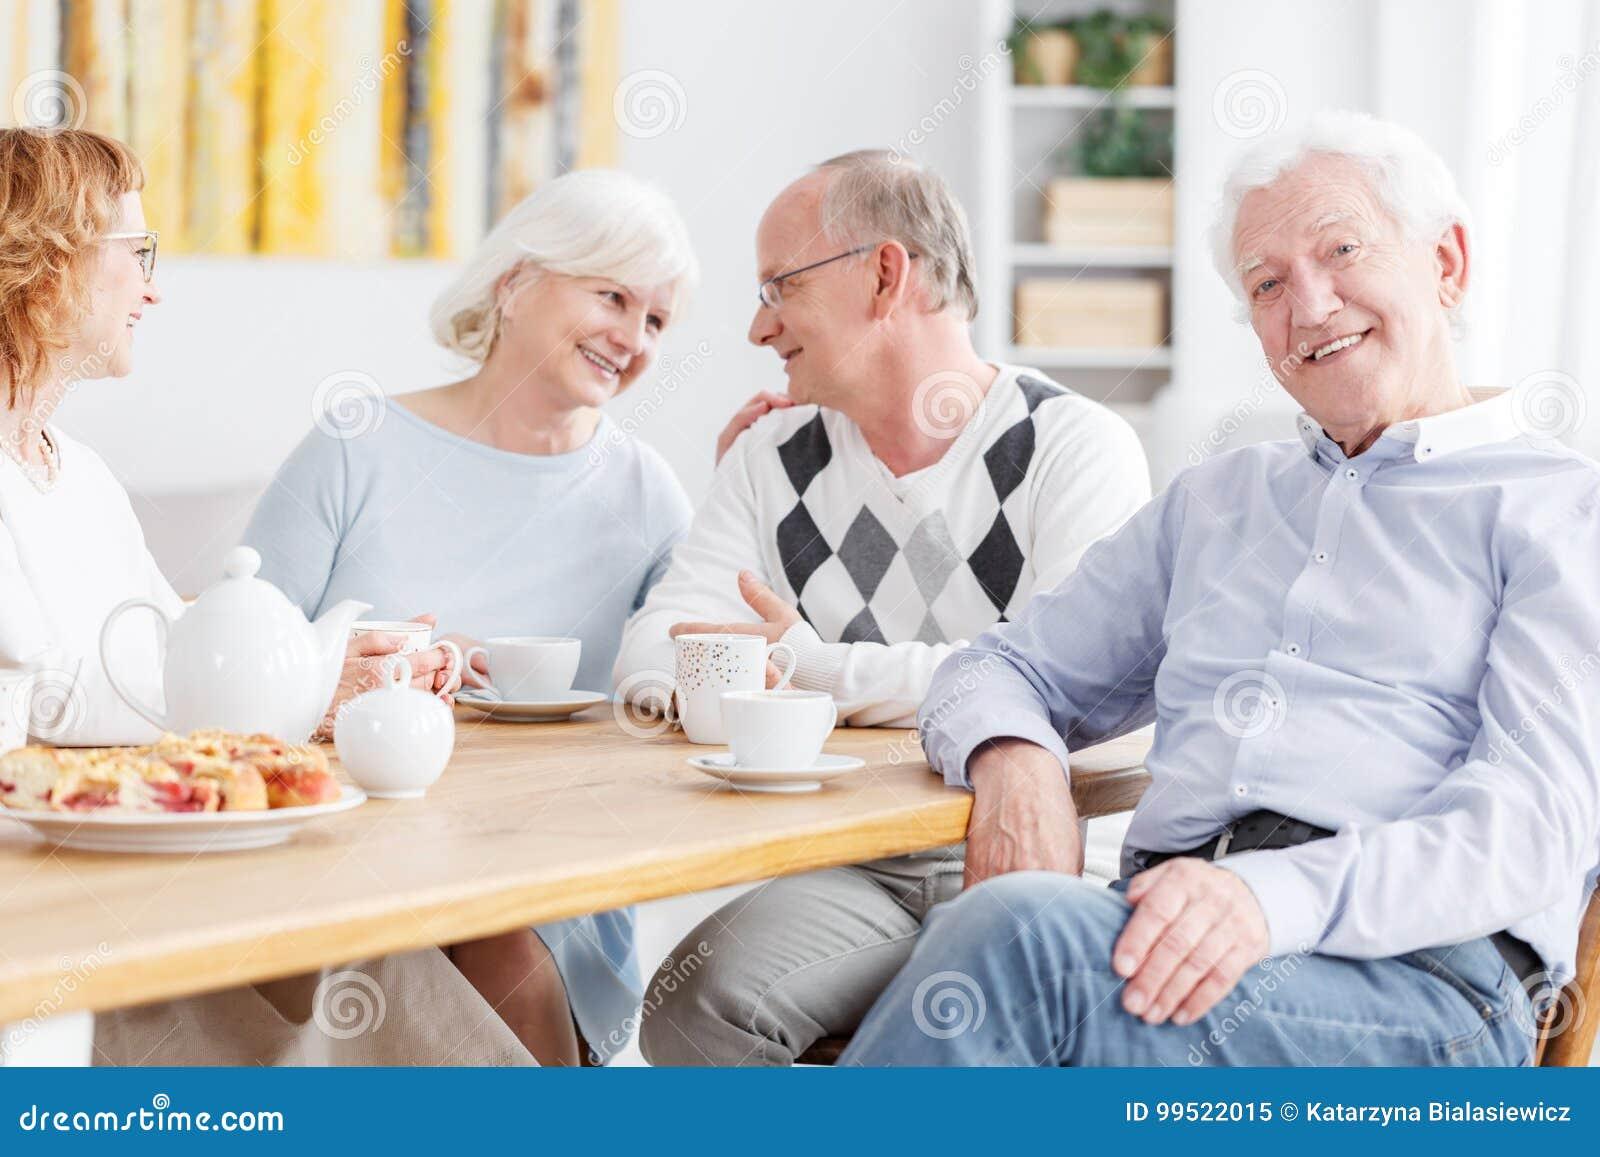 дома престарелых 75 процентов у пенсионеров